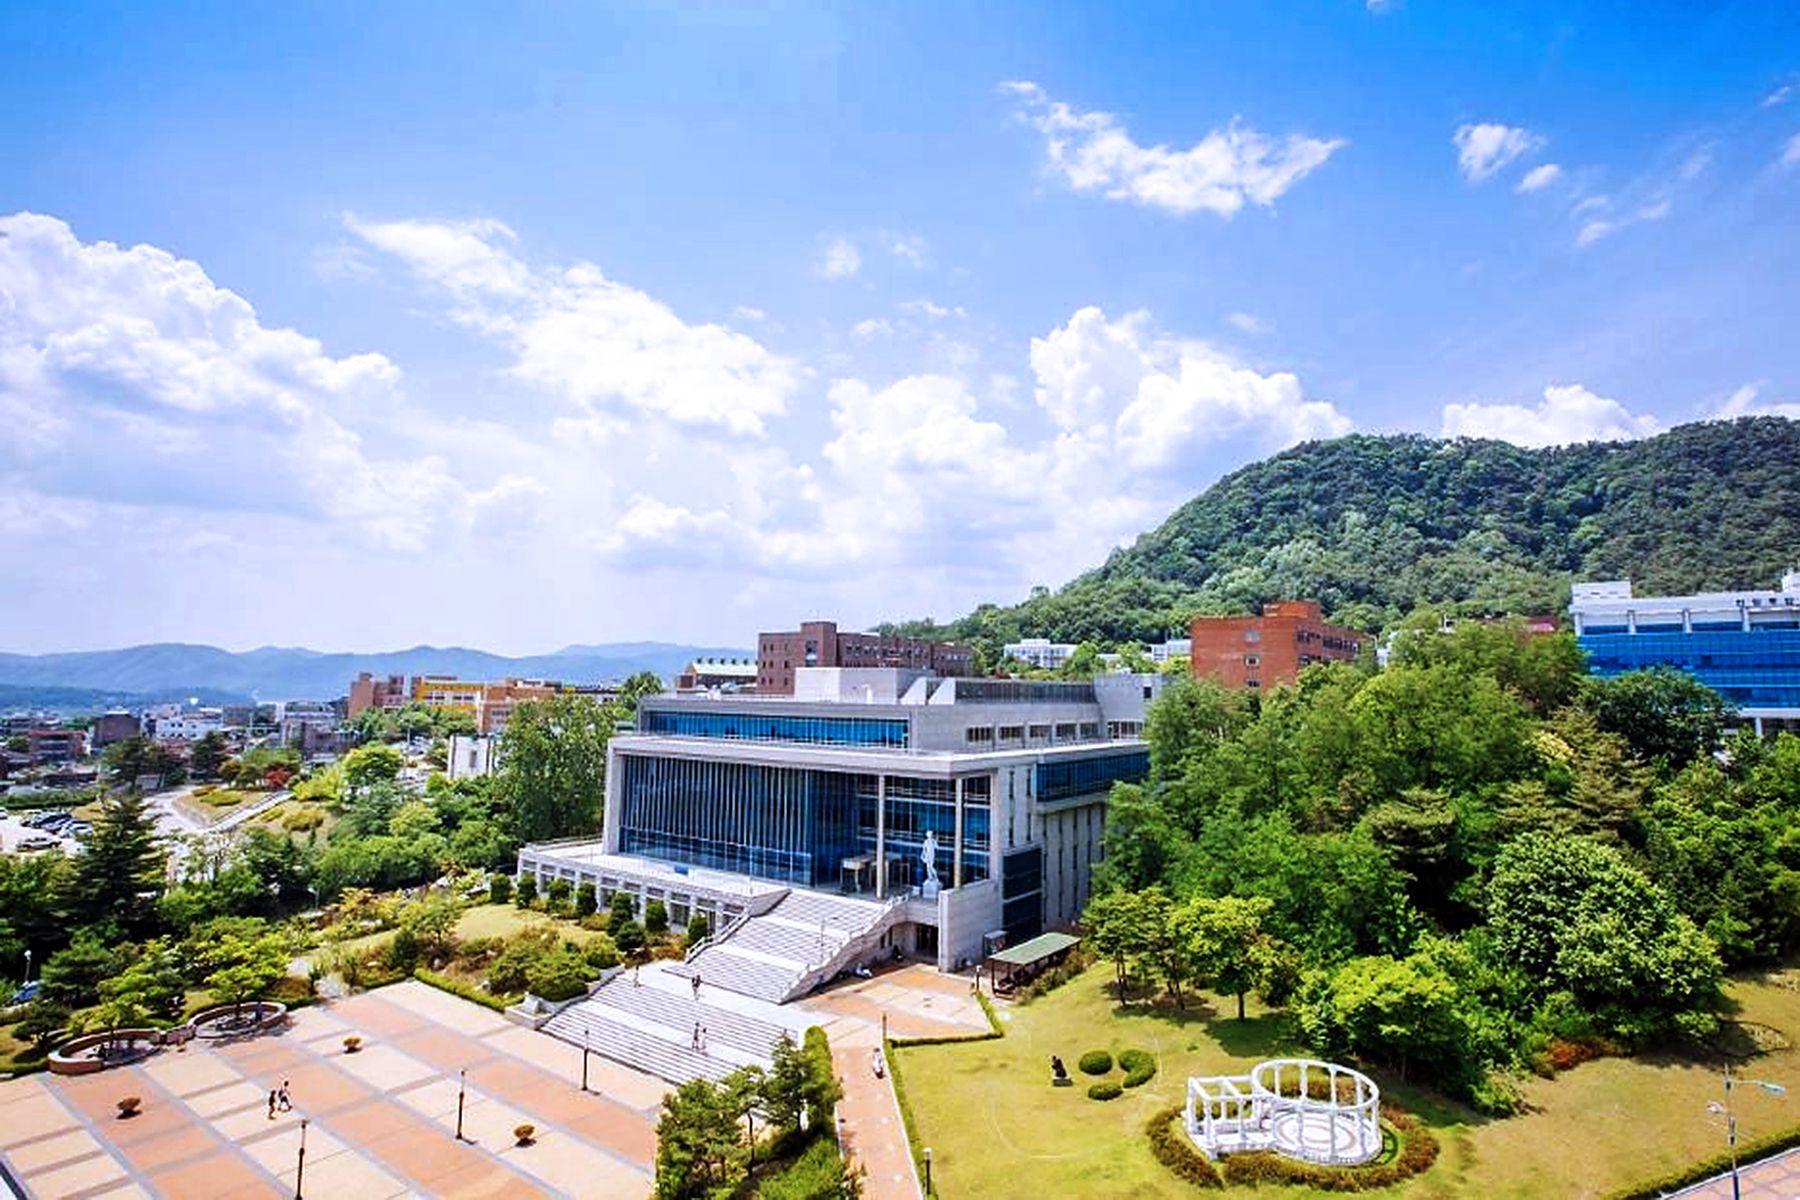 Студенты ВГУЭС приняли участие в глобальном образовательном онлайн-интенсиве южнокорейского университета Халлим